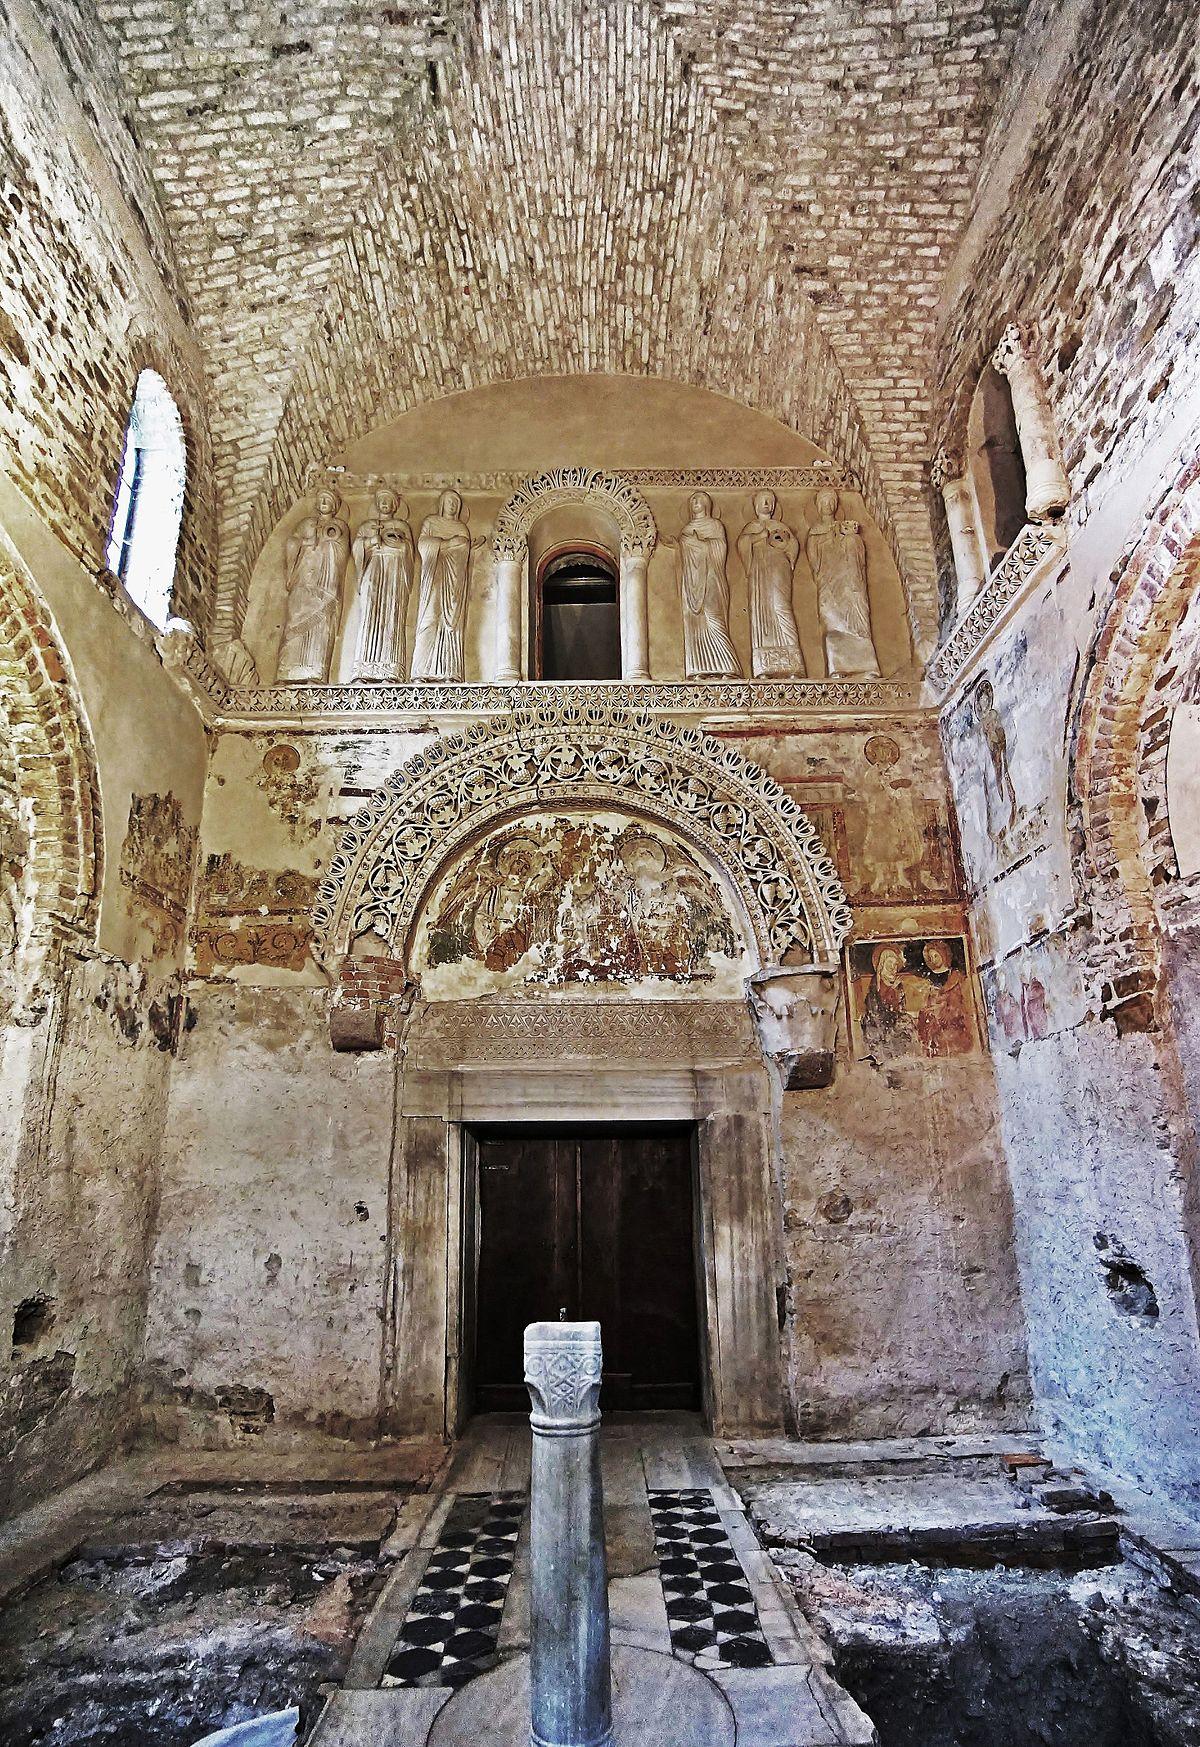 Templete Lombardo Wikipedia, la enciclopedia libre